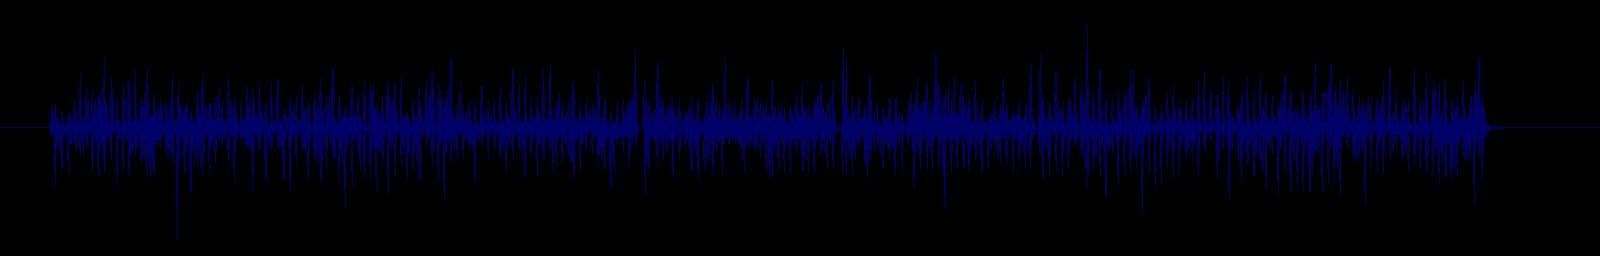 waveform of track #97986